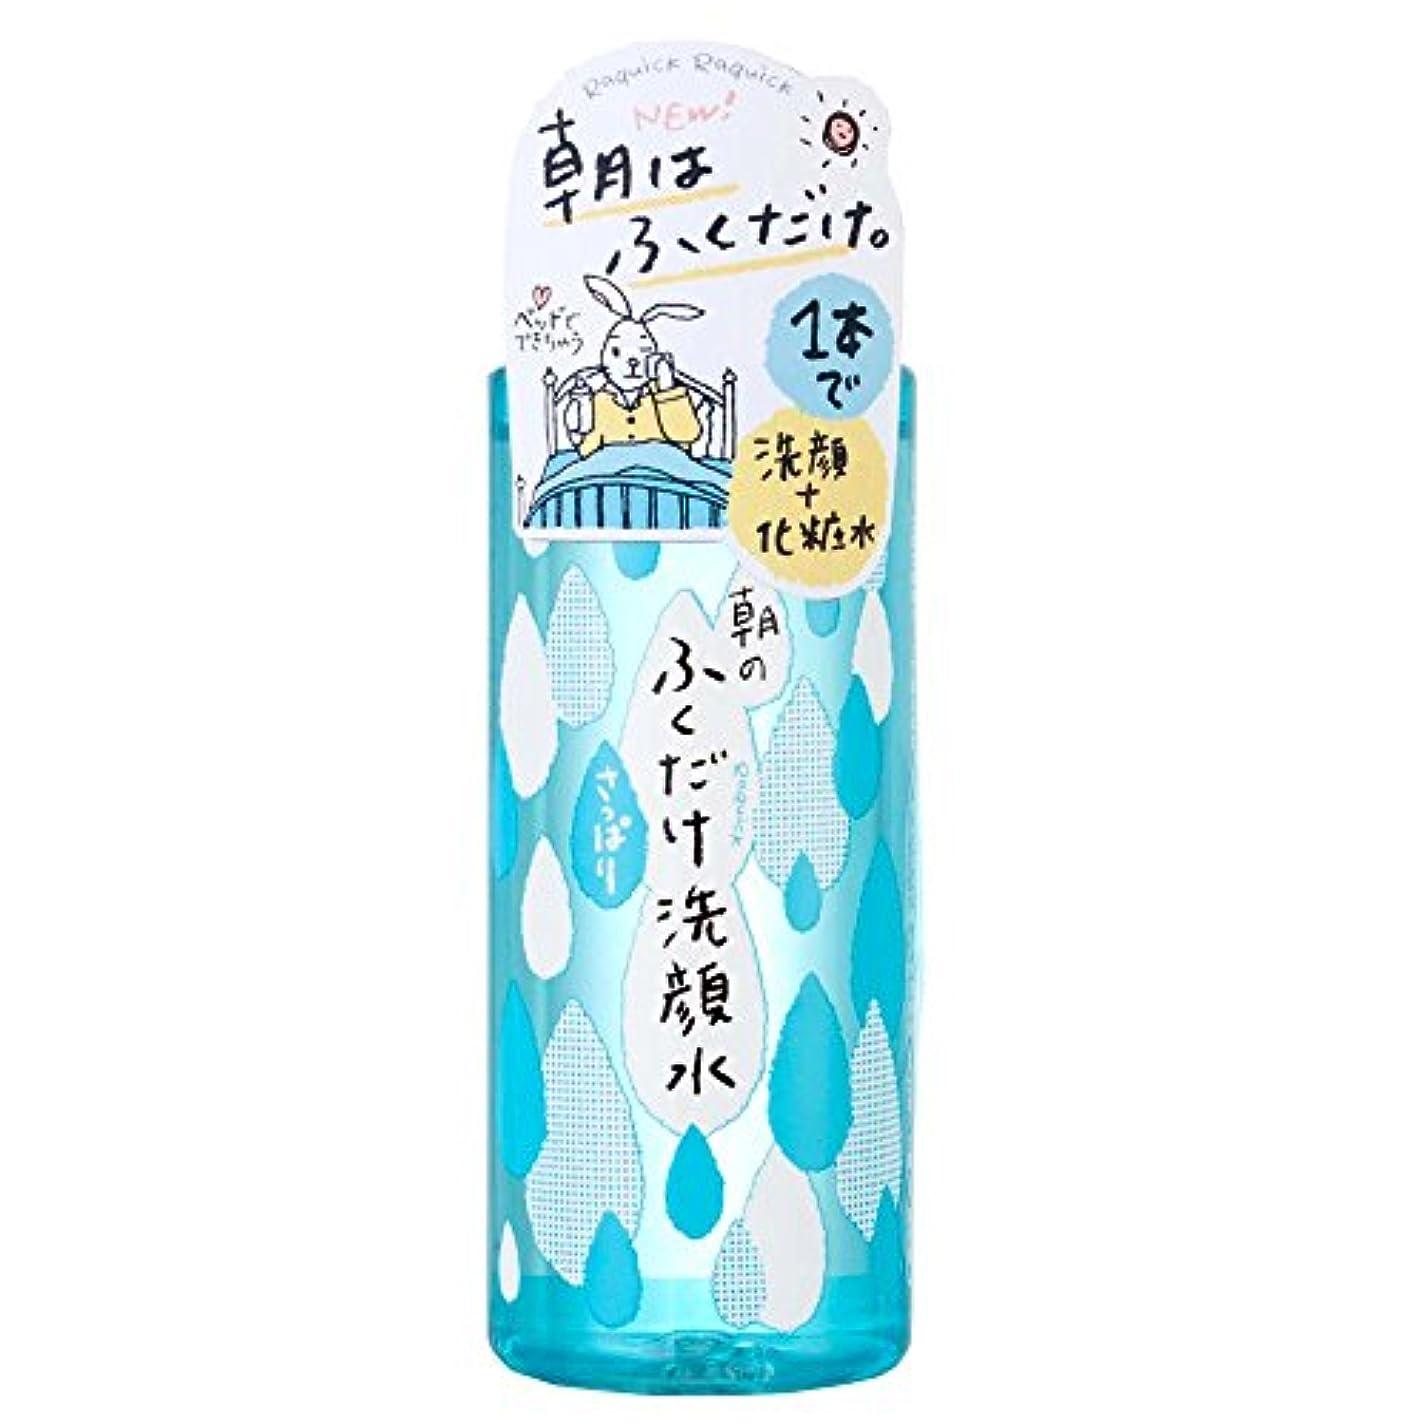 影響力のあるインチ抑制ラクイック 朝のふくだけ洗顔水 さっぱり 310mL